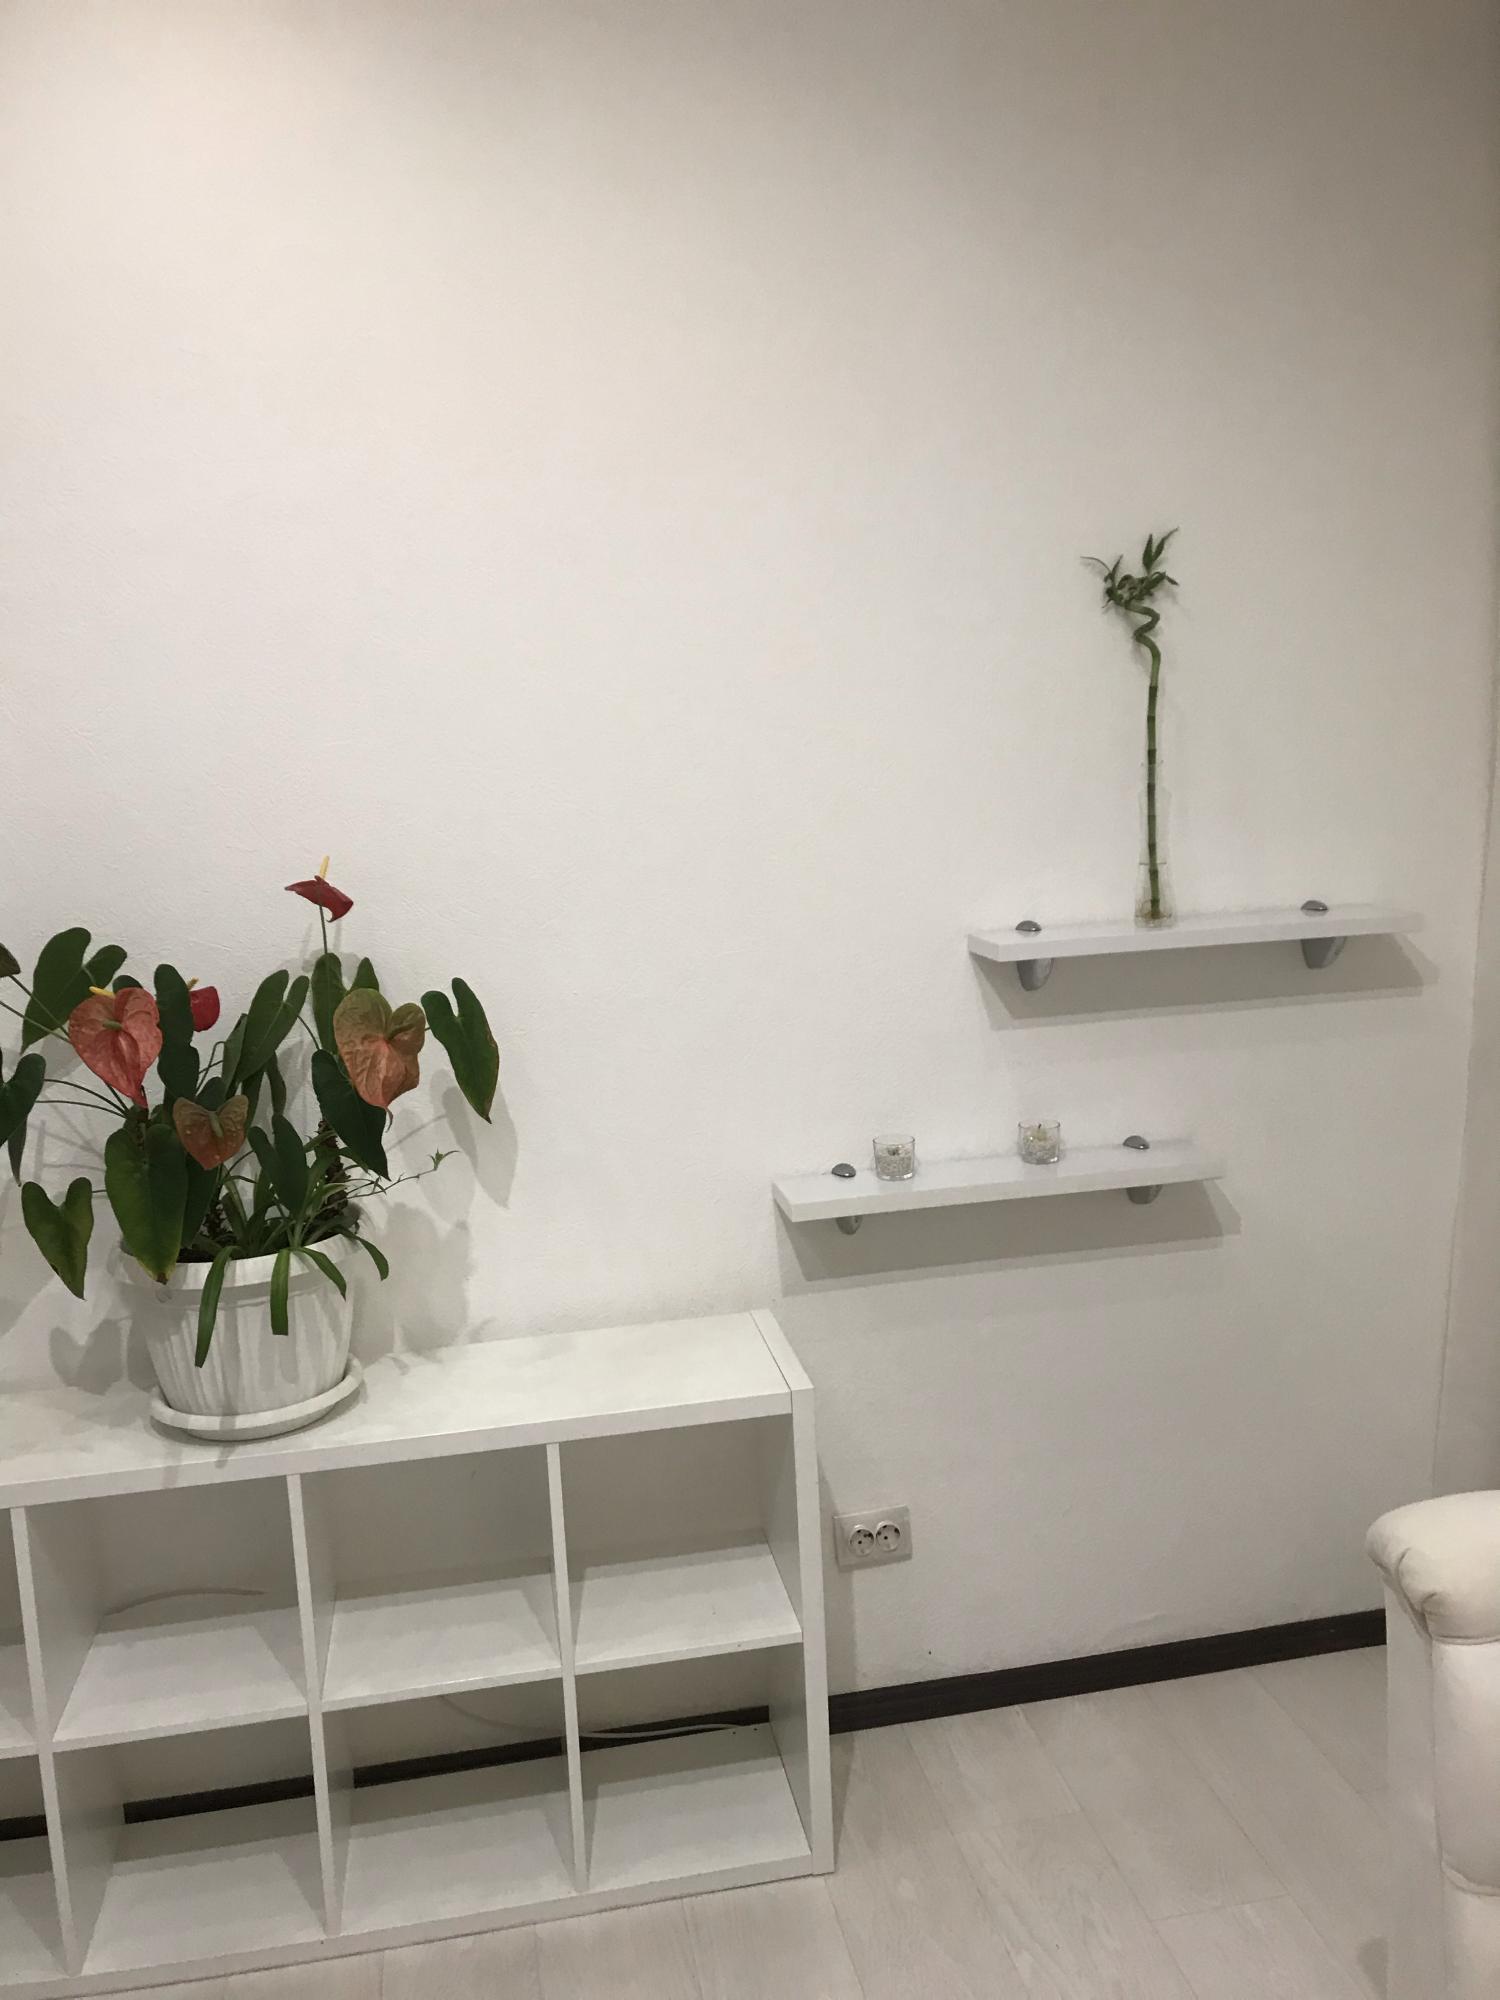 2к квартира улица Академика Киренского, 32 | 25000 | аренда в Красноярске фото 4